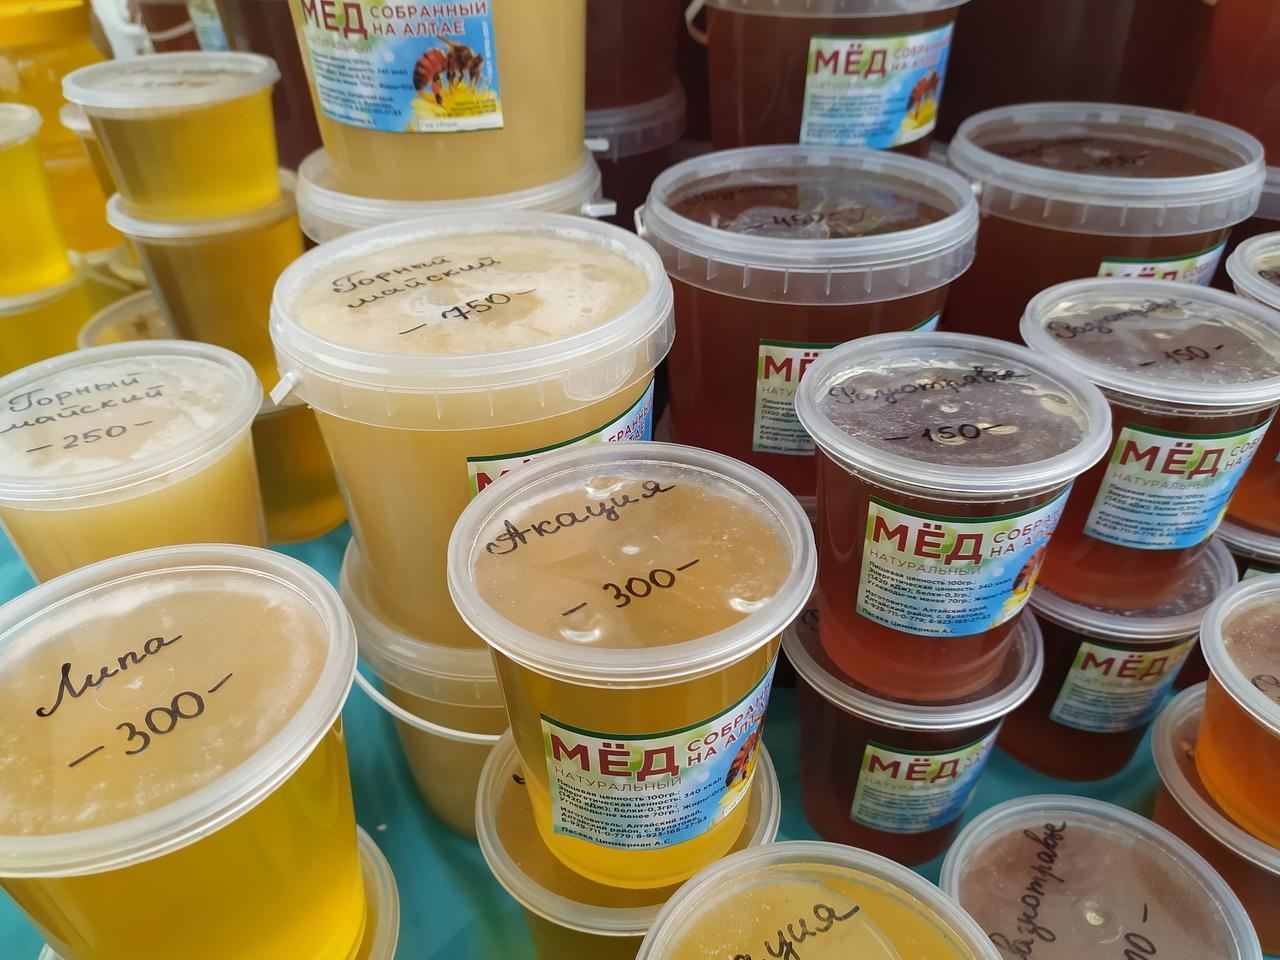 Фото Лизнуть и поставить на весы: в Новосибирске пасечники раскрыли секреты настоящего мёда 9